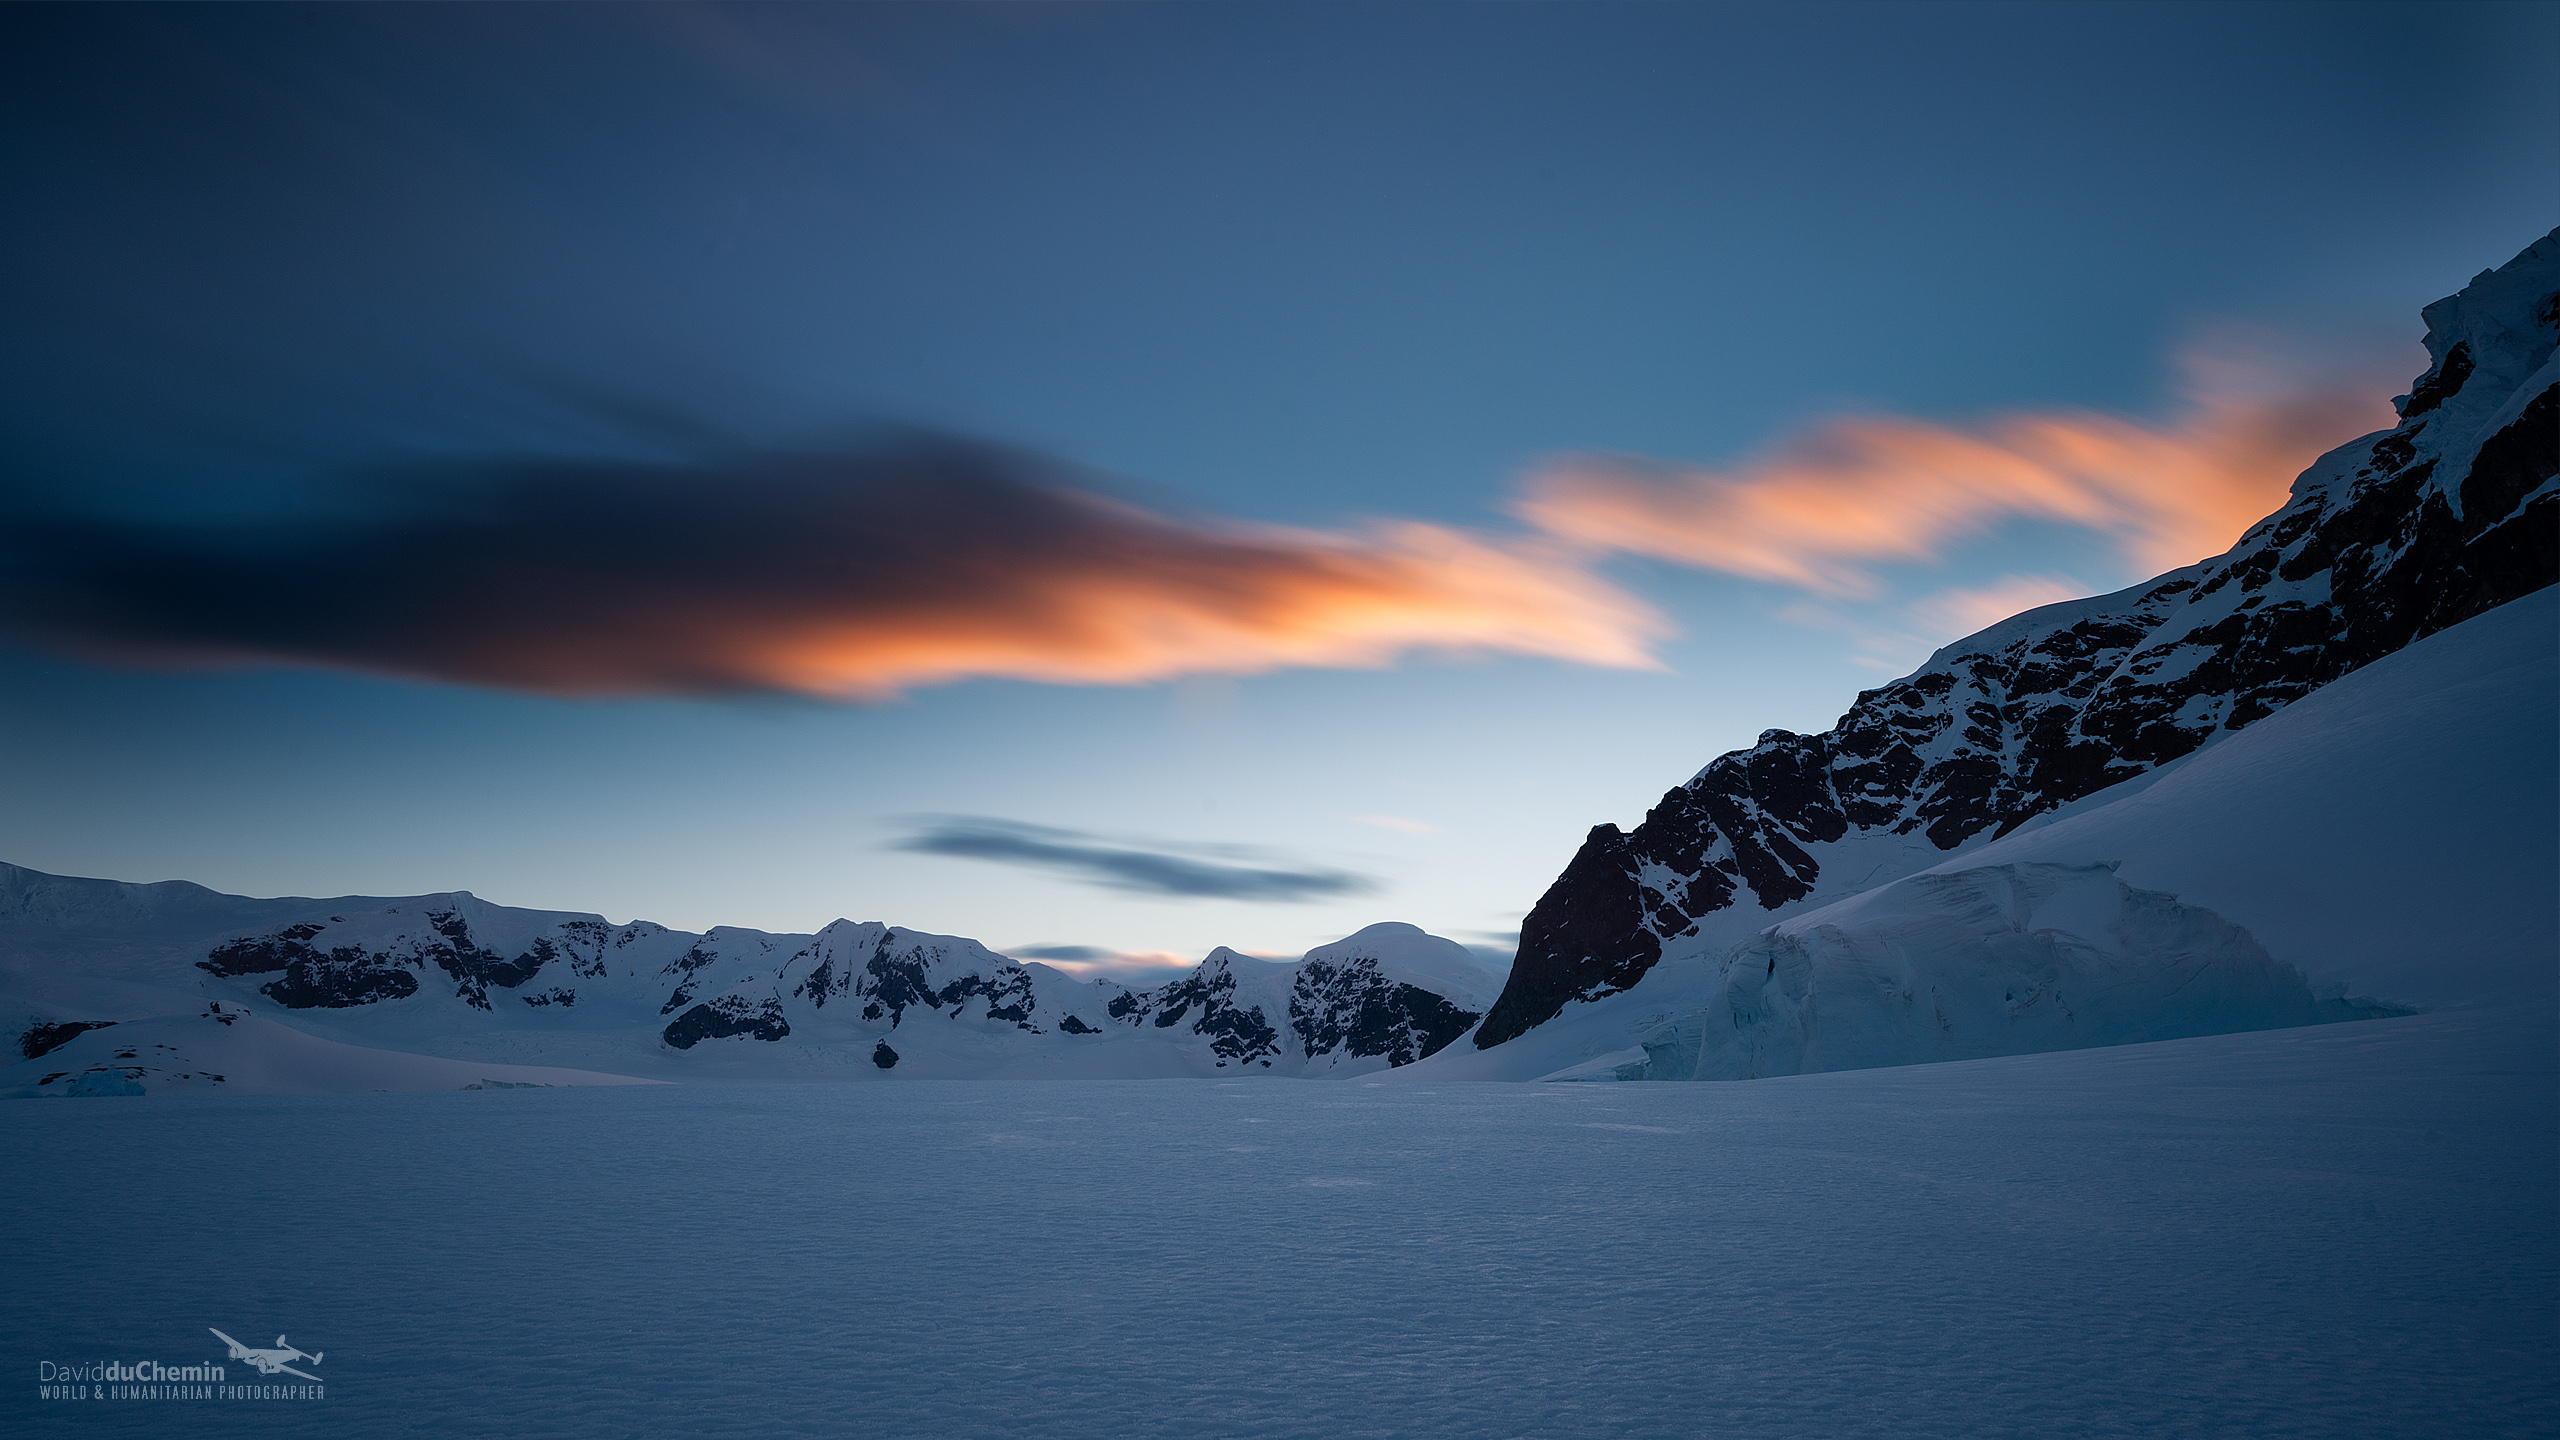 desktop wallpapers – antarctica | david duchemin - world